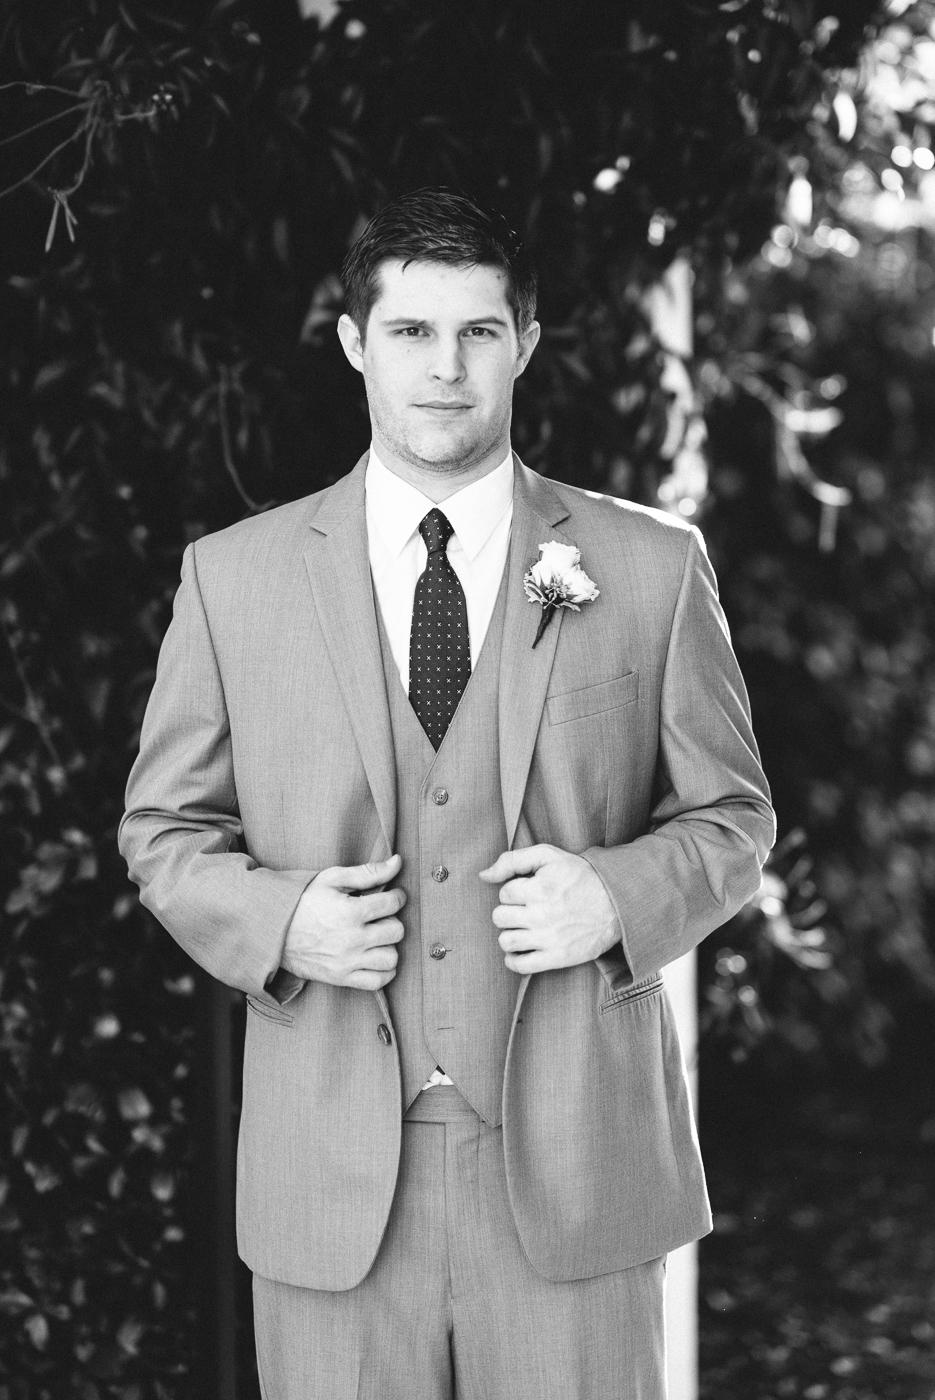 dapper groom suit black and white portrait